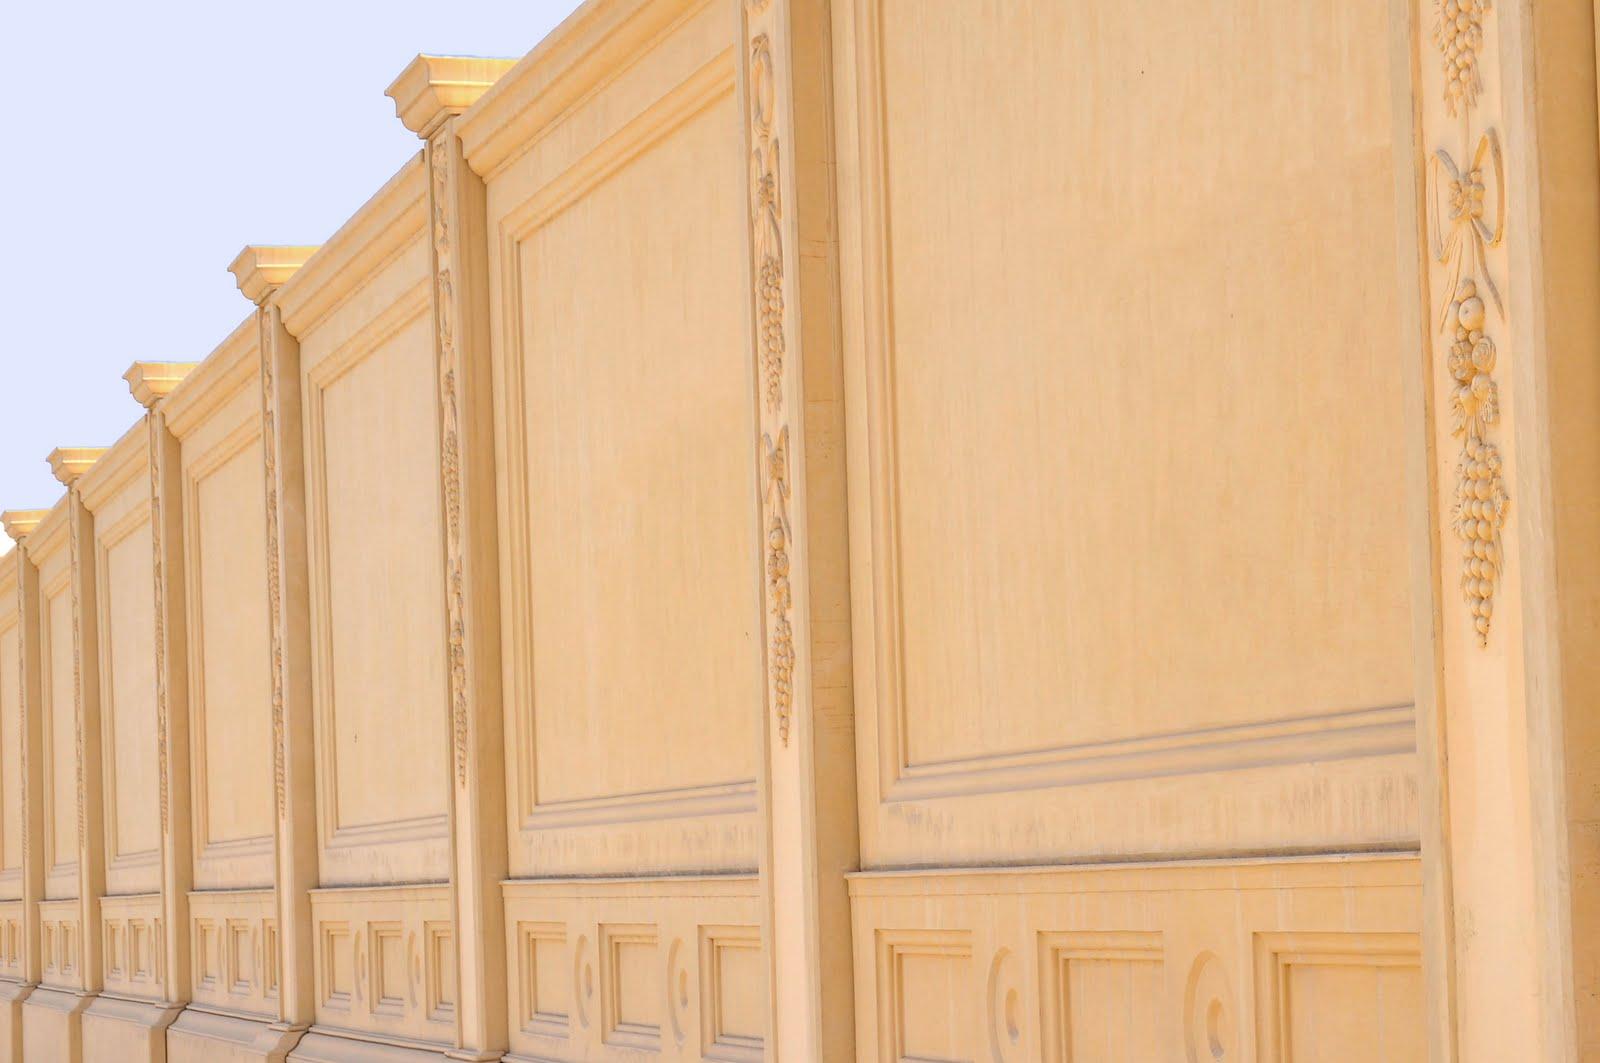 Precast Concrete Product in Qatar: Precast Concrete Product`s